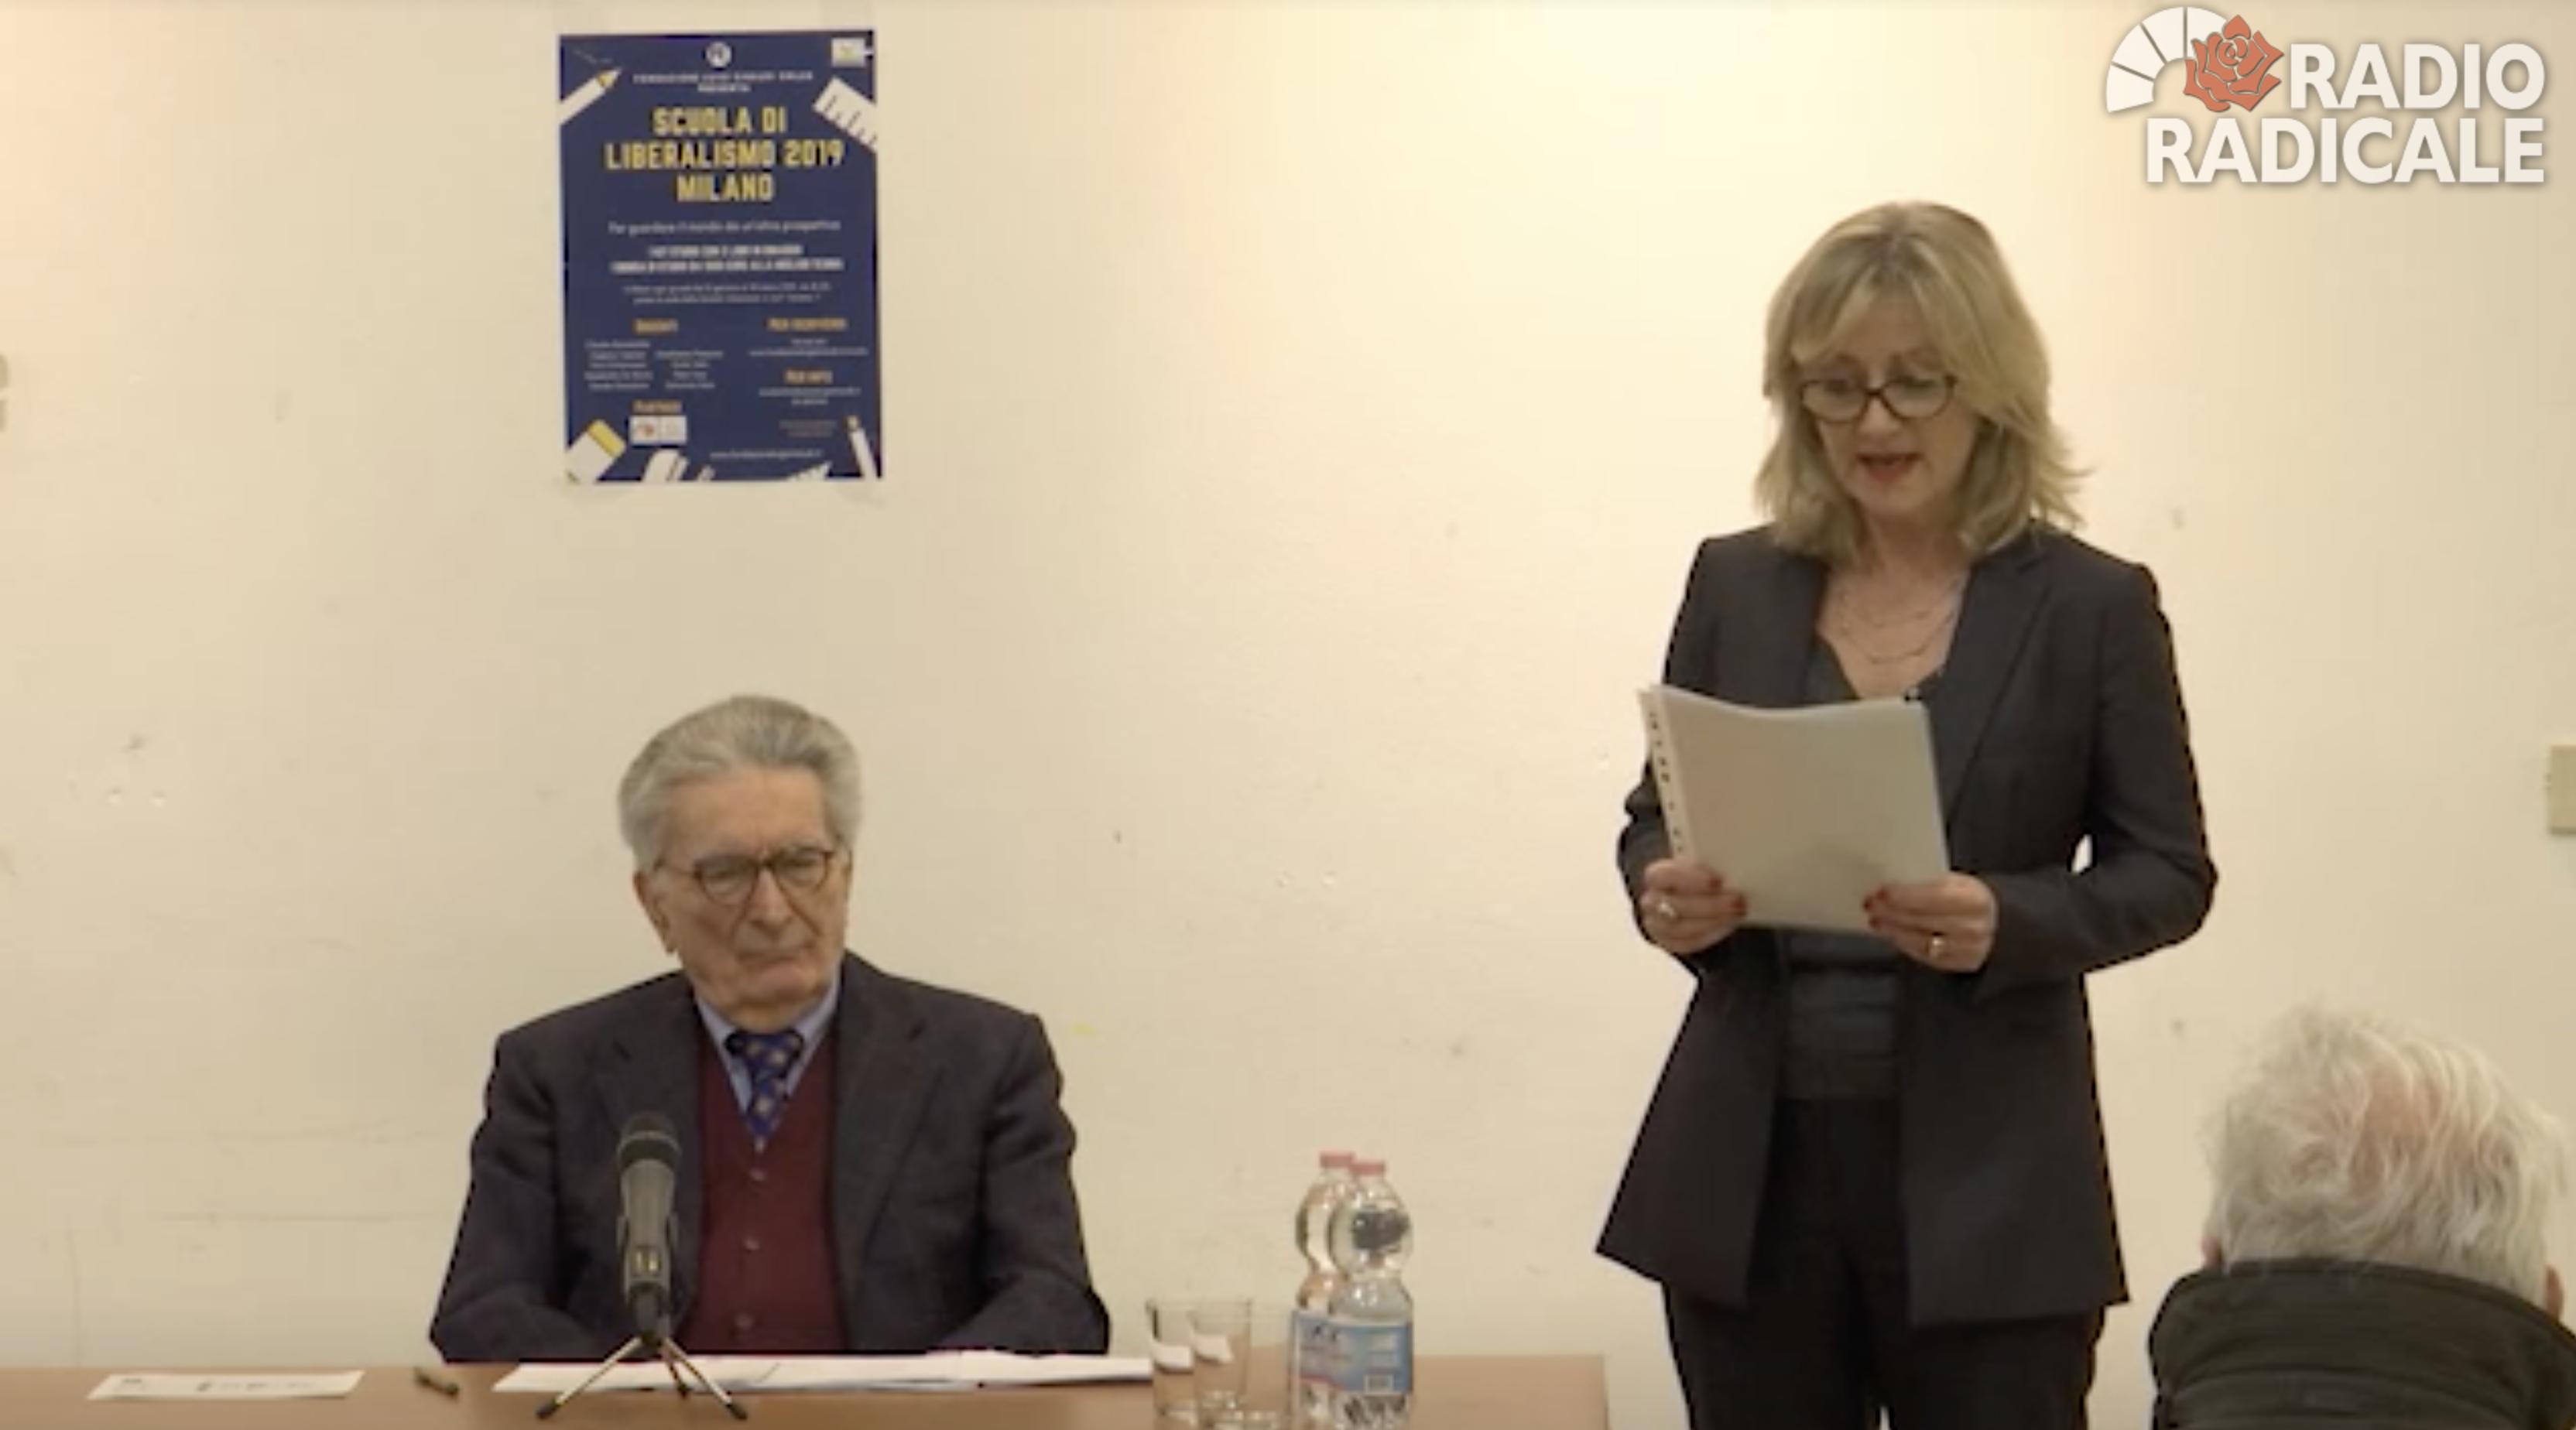 """Scuola di Liberalismo 2019 – Milano: lezione di Gianfranco Pasquino sul tema """"Democrazia"""""""